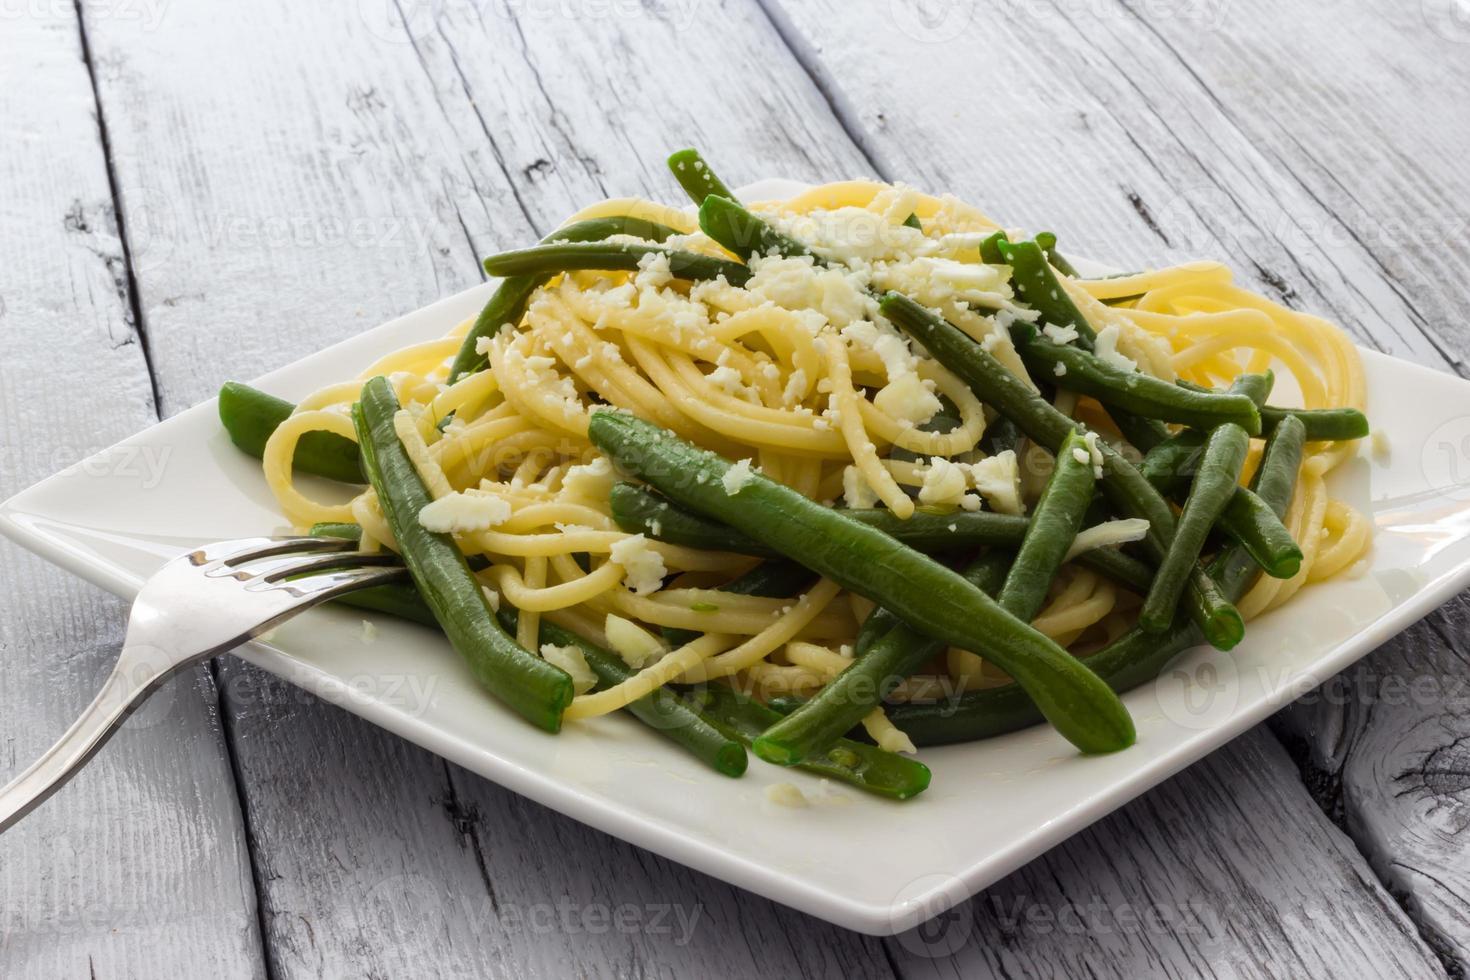 spaghetti à l'huile d'ail et aux haricots verts d'Italie photo